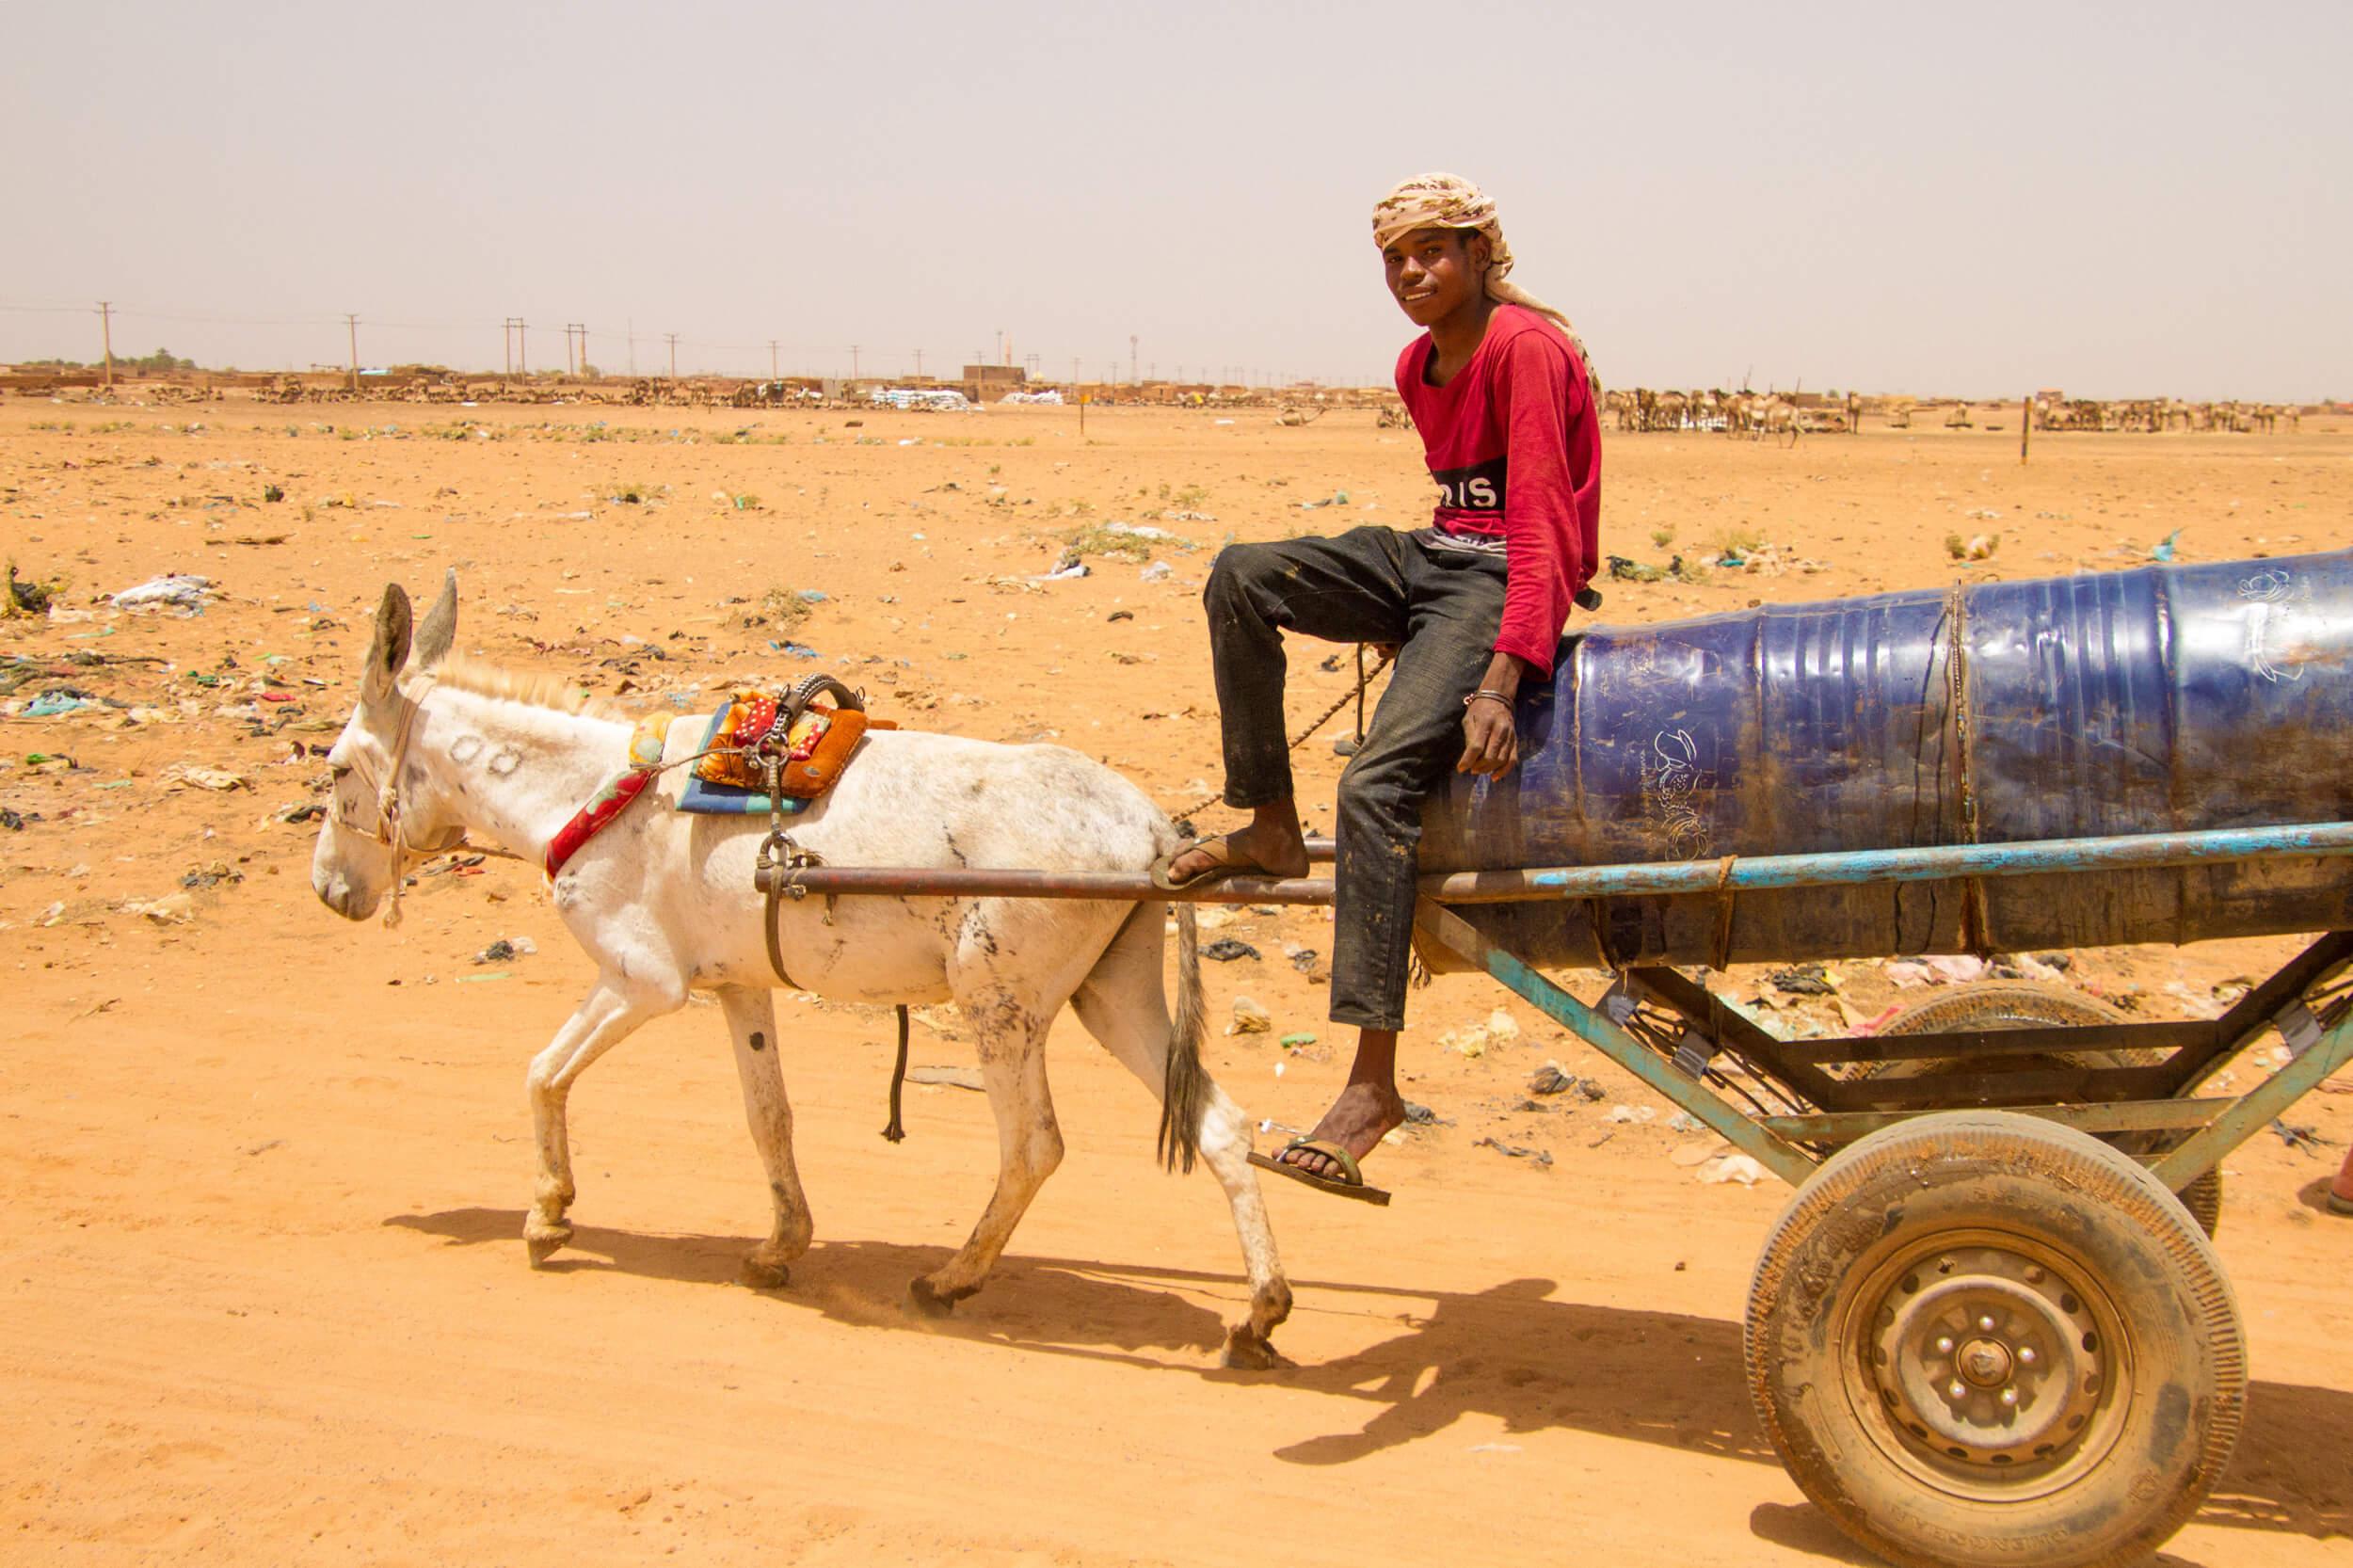 https://bubo.sk/uploads/galleries/7407/marekmeluch_sudan_khartoum_almoheli1.jpg